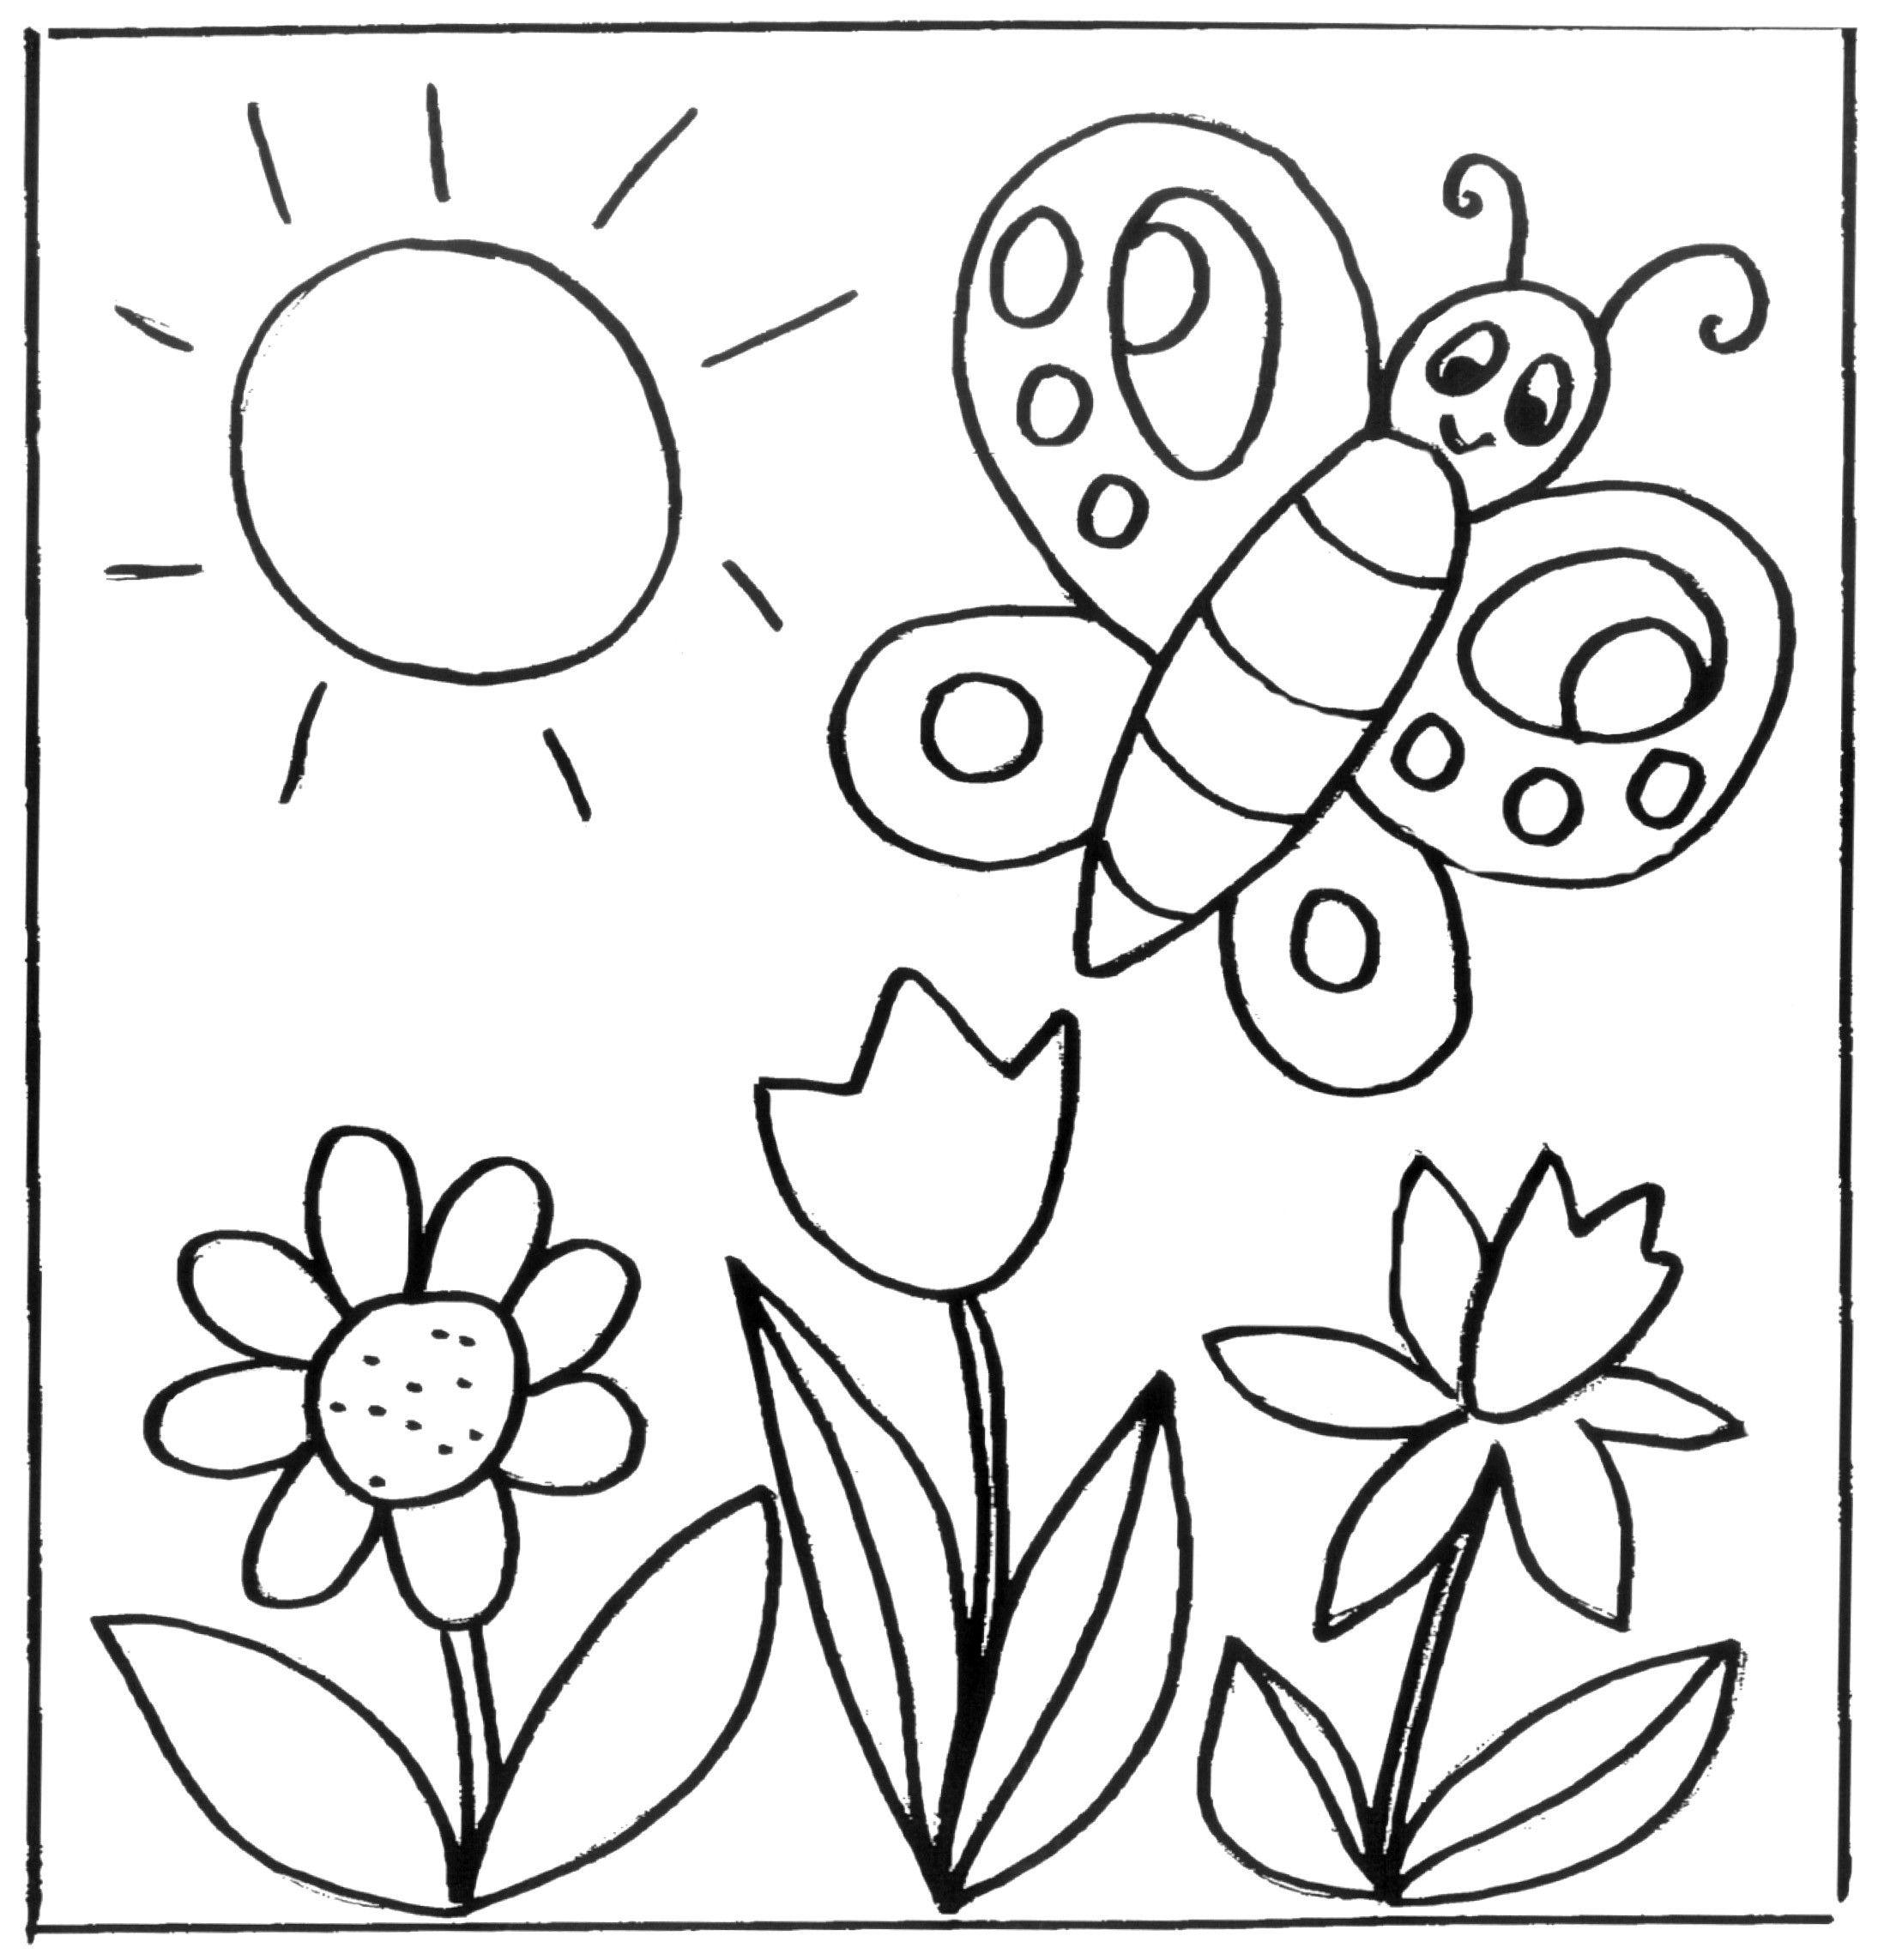 Die 20 Besten Ideen Fur Blume Ausmalbilder Beste Wohnkultur Bastelideen Coloring Und Frisur Inspiration Blumen Ausmalbilder Ausmalbilder Krippe Fruhling